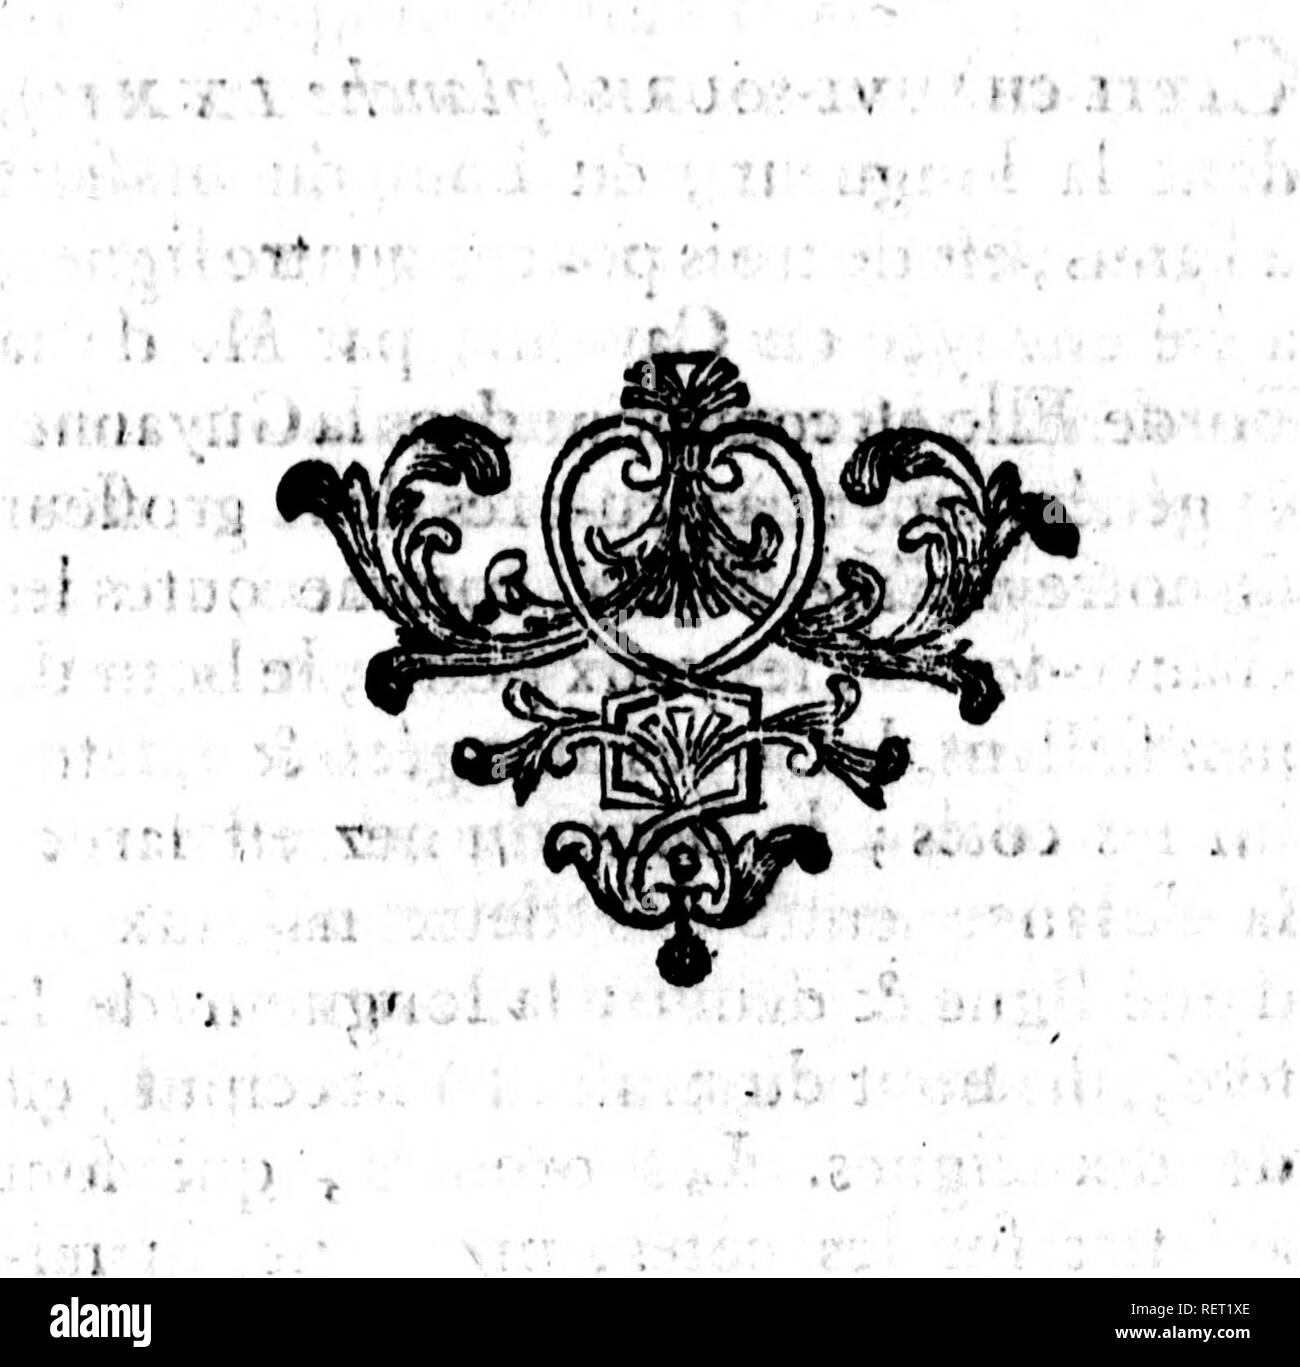 . Histoire naturelle, générale et particulière [microforme] : servant de suite a l'histoire des animaux quadrupedes. Sciences naturelles; Natural history. r'' de la gr. Chauve-Jauris^ &c. 107 Piedf. Pou ifiiefr Longueur de la jambe , ^9^..^,..,,,,^^^,,, puis le genou jufqu*au **â¢â^*,-â* talon .. » If Longueur depuis te talon juf- qu'au bout des ongles .. /f Longueur totale de Paiie // Largeur la plus grande du poi- > gnet au^ Ã«chancrures....' 'if 8 6i. % '..h' I. ib â »r' £â¬> t-. Please note that these images are extracted from scanned page images that may have been digital - Stock Image